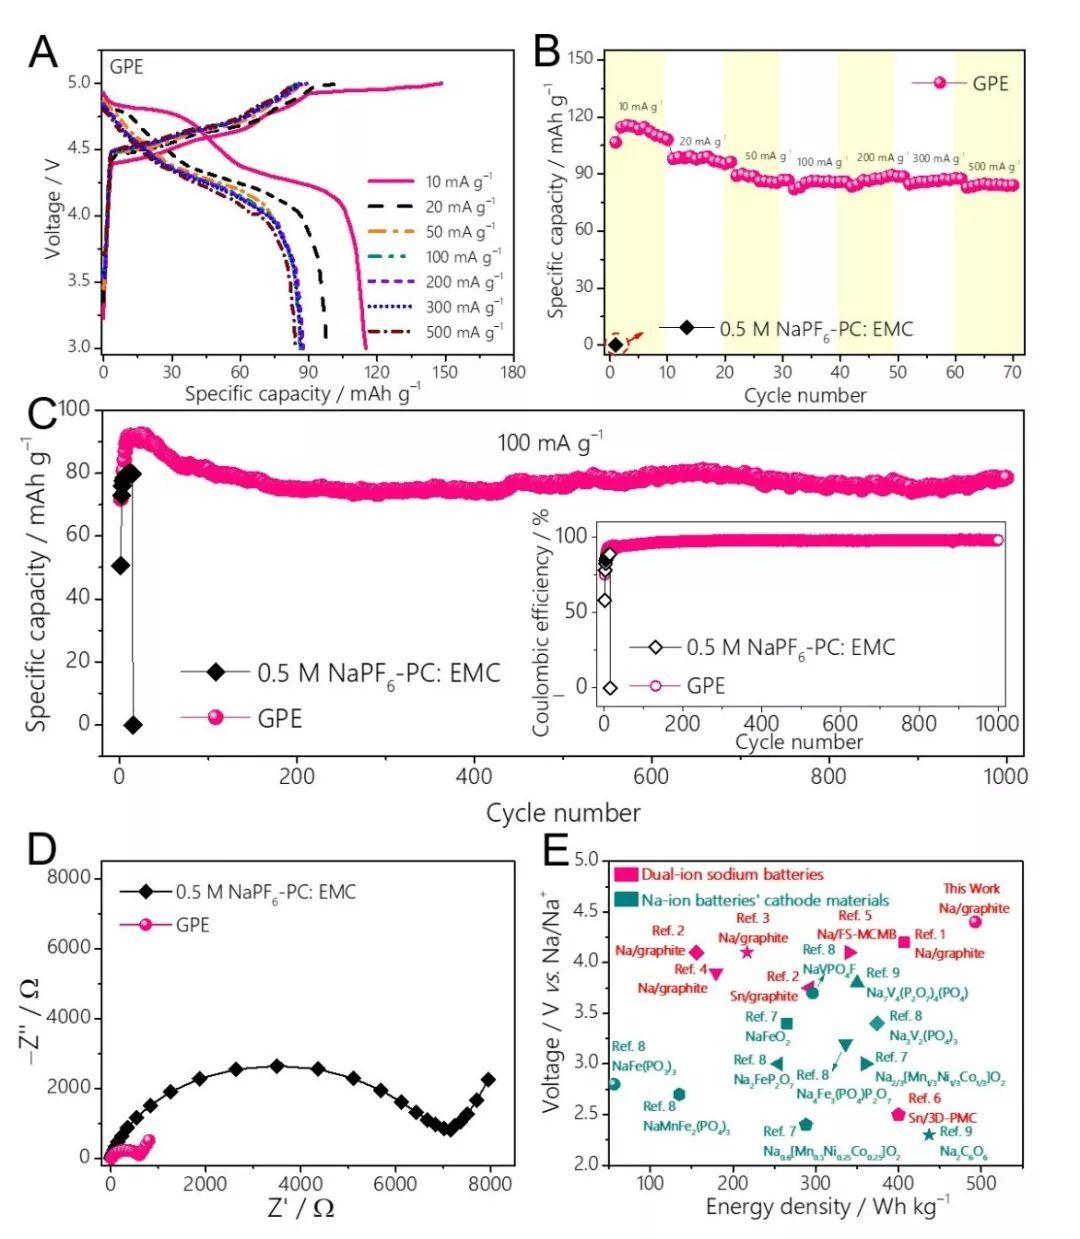 悉尼科技大学汪国秀、清华大学李宝华团队Chem:  适用于低成本储能的准固态双离子钠金属电池